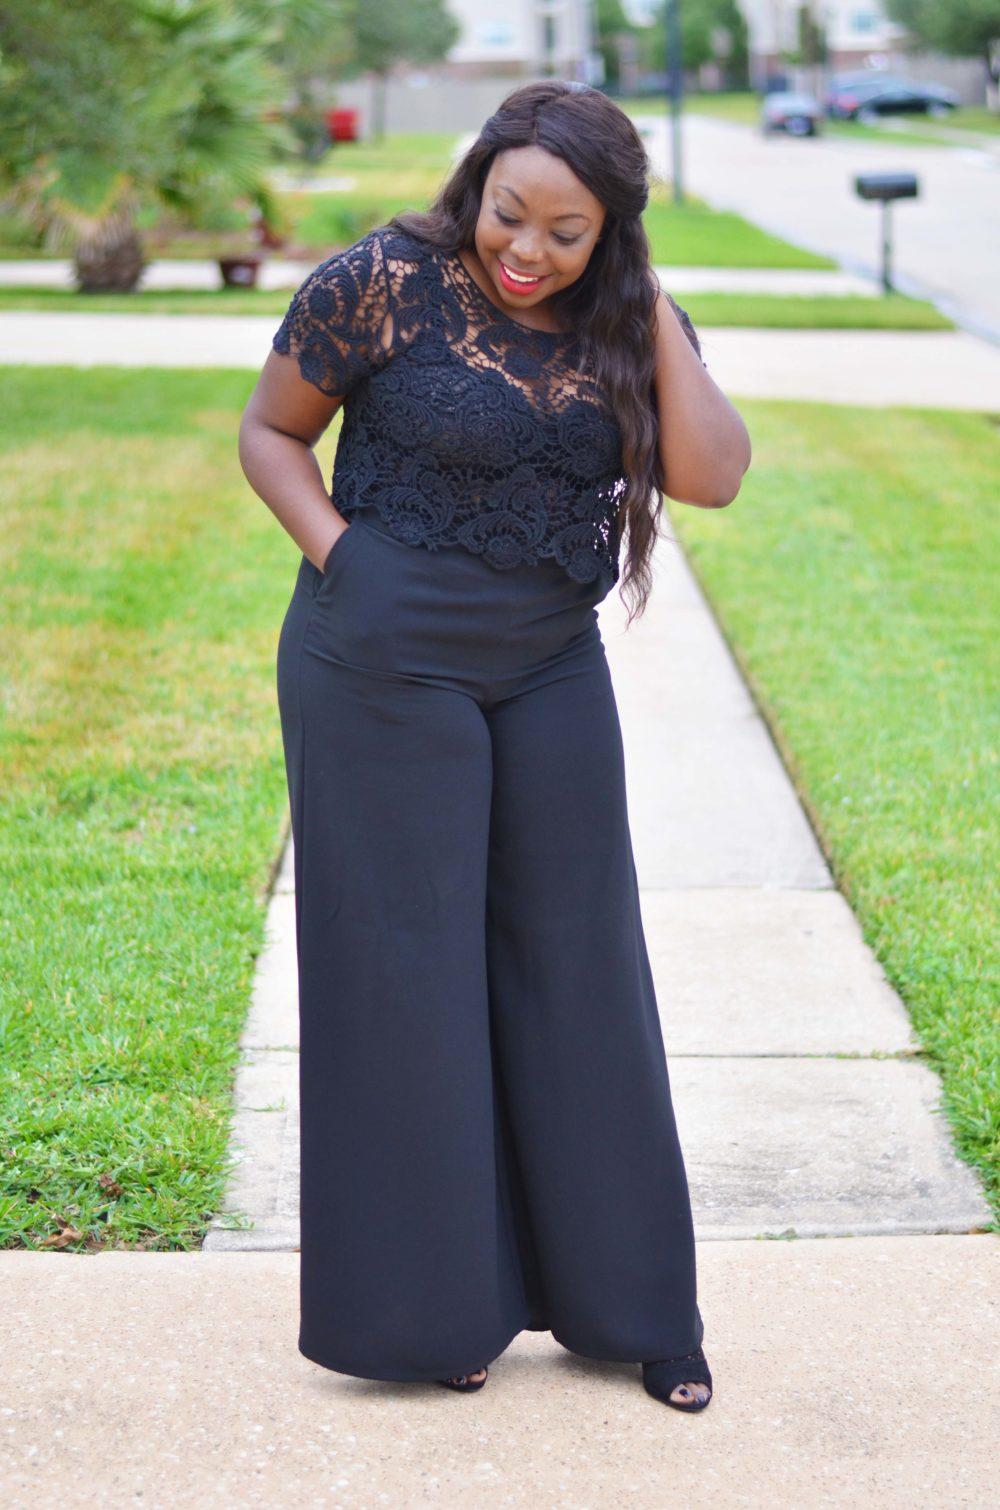 Lace top black wide leg pants neutral